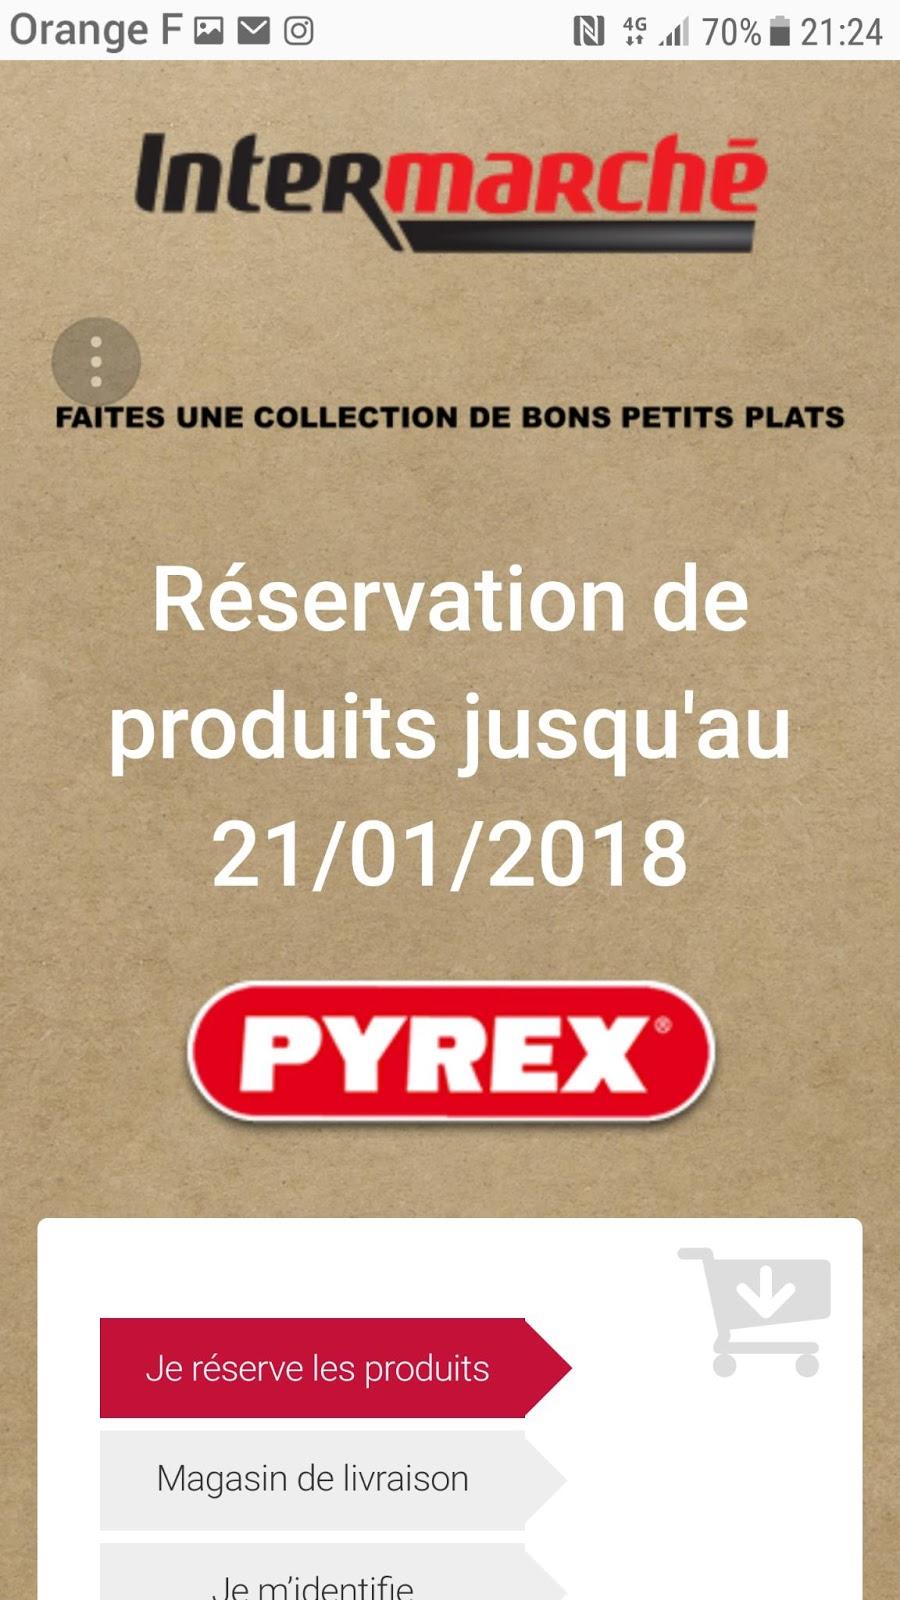 LoulousRupture Certains L'offre Plats Intermarché De Pyrex 3 Mes WodeCxrB